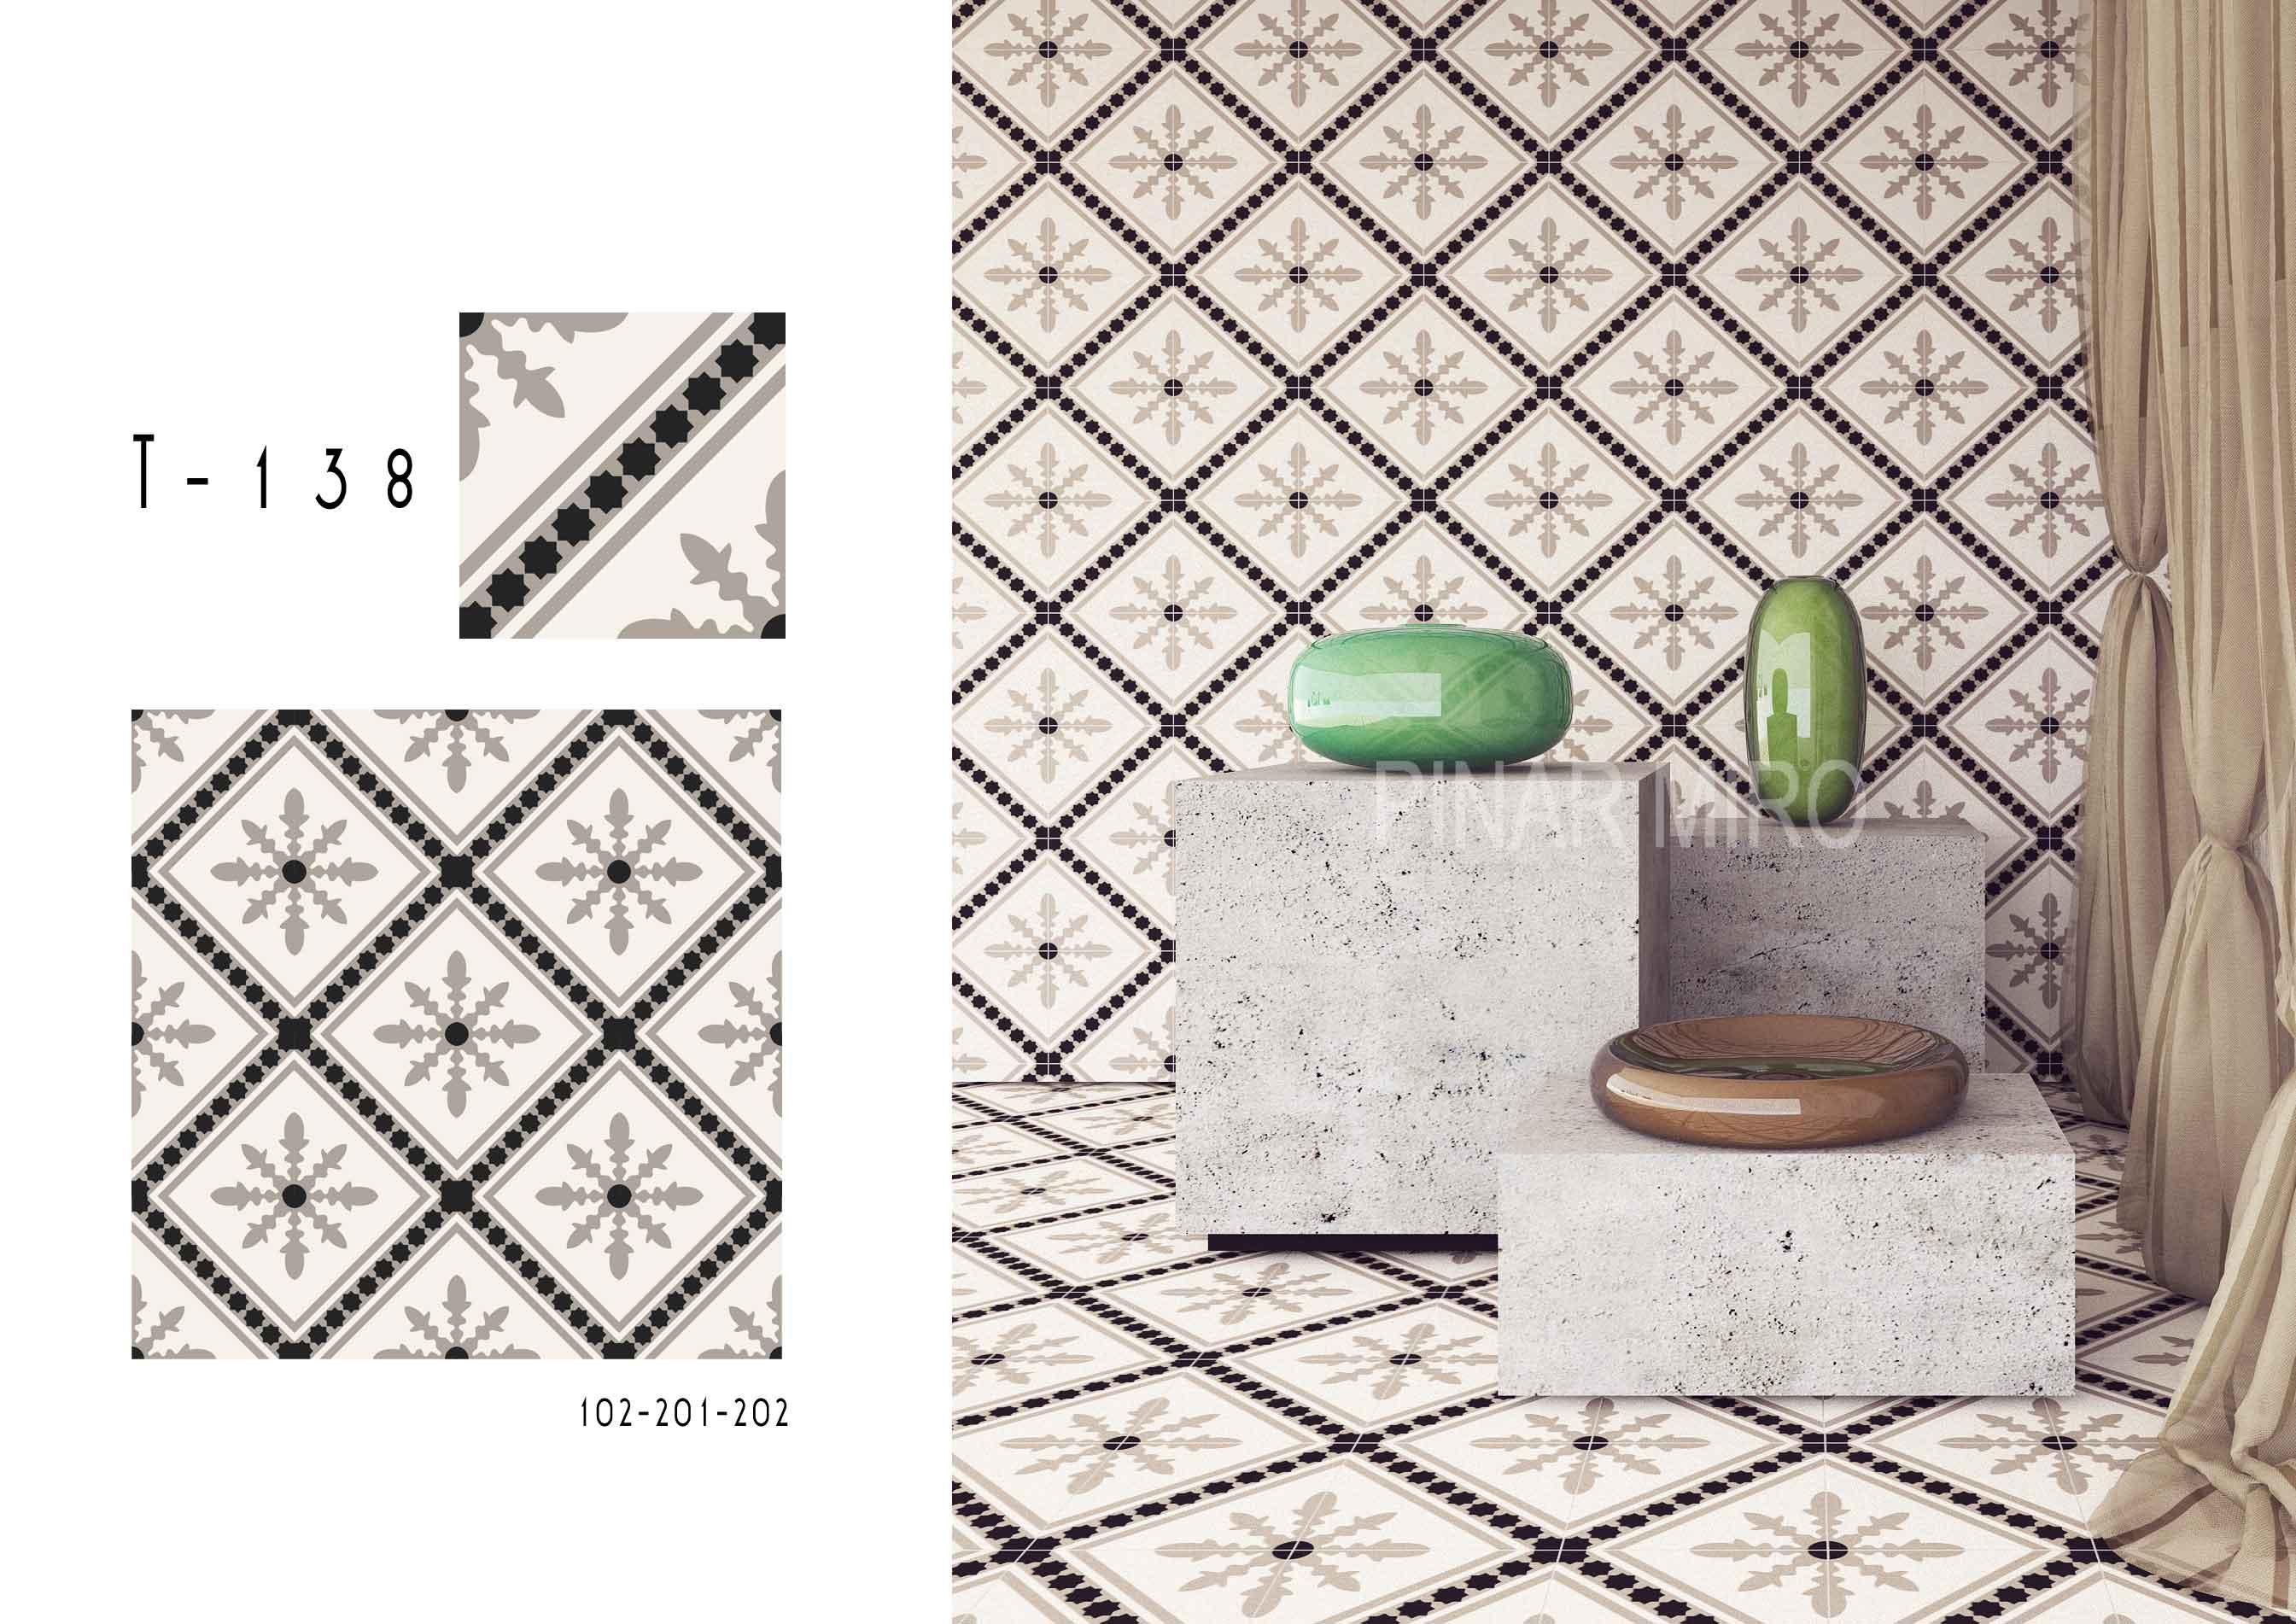 1t138-pinar-miro-cement-tiles